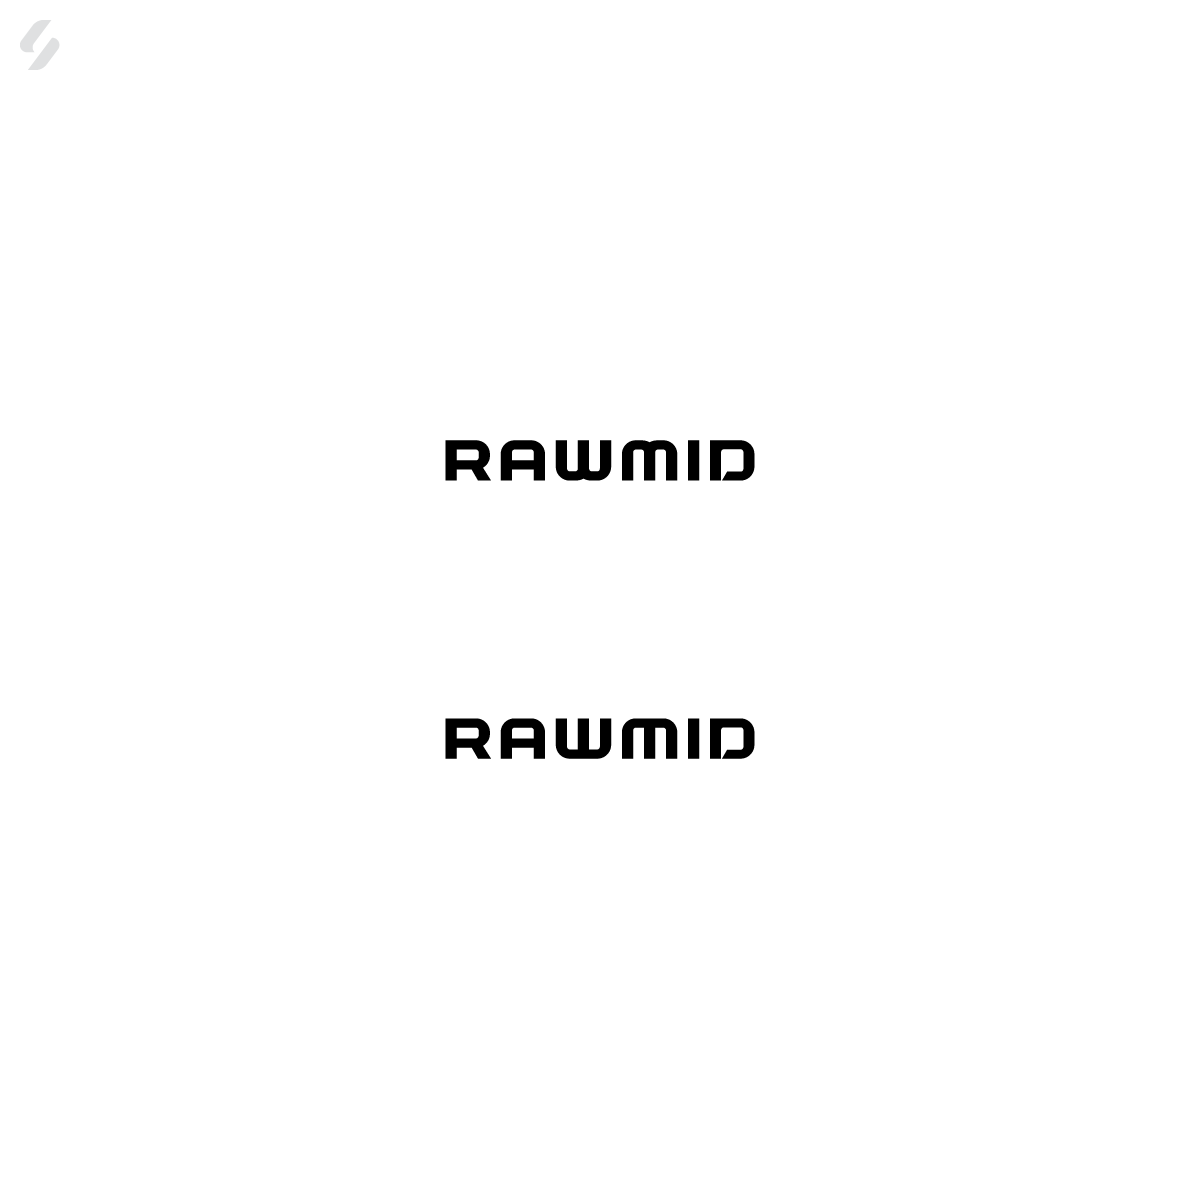 Создать логотип (буквенная часть) для бренда бытовой техники фото f_9395b34cd446e65a.png